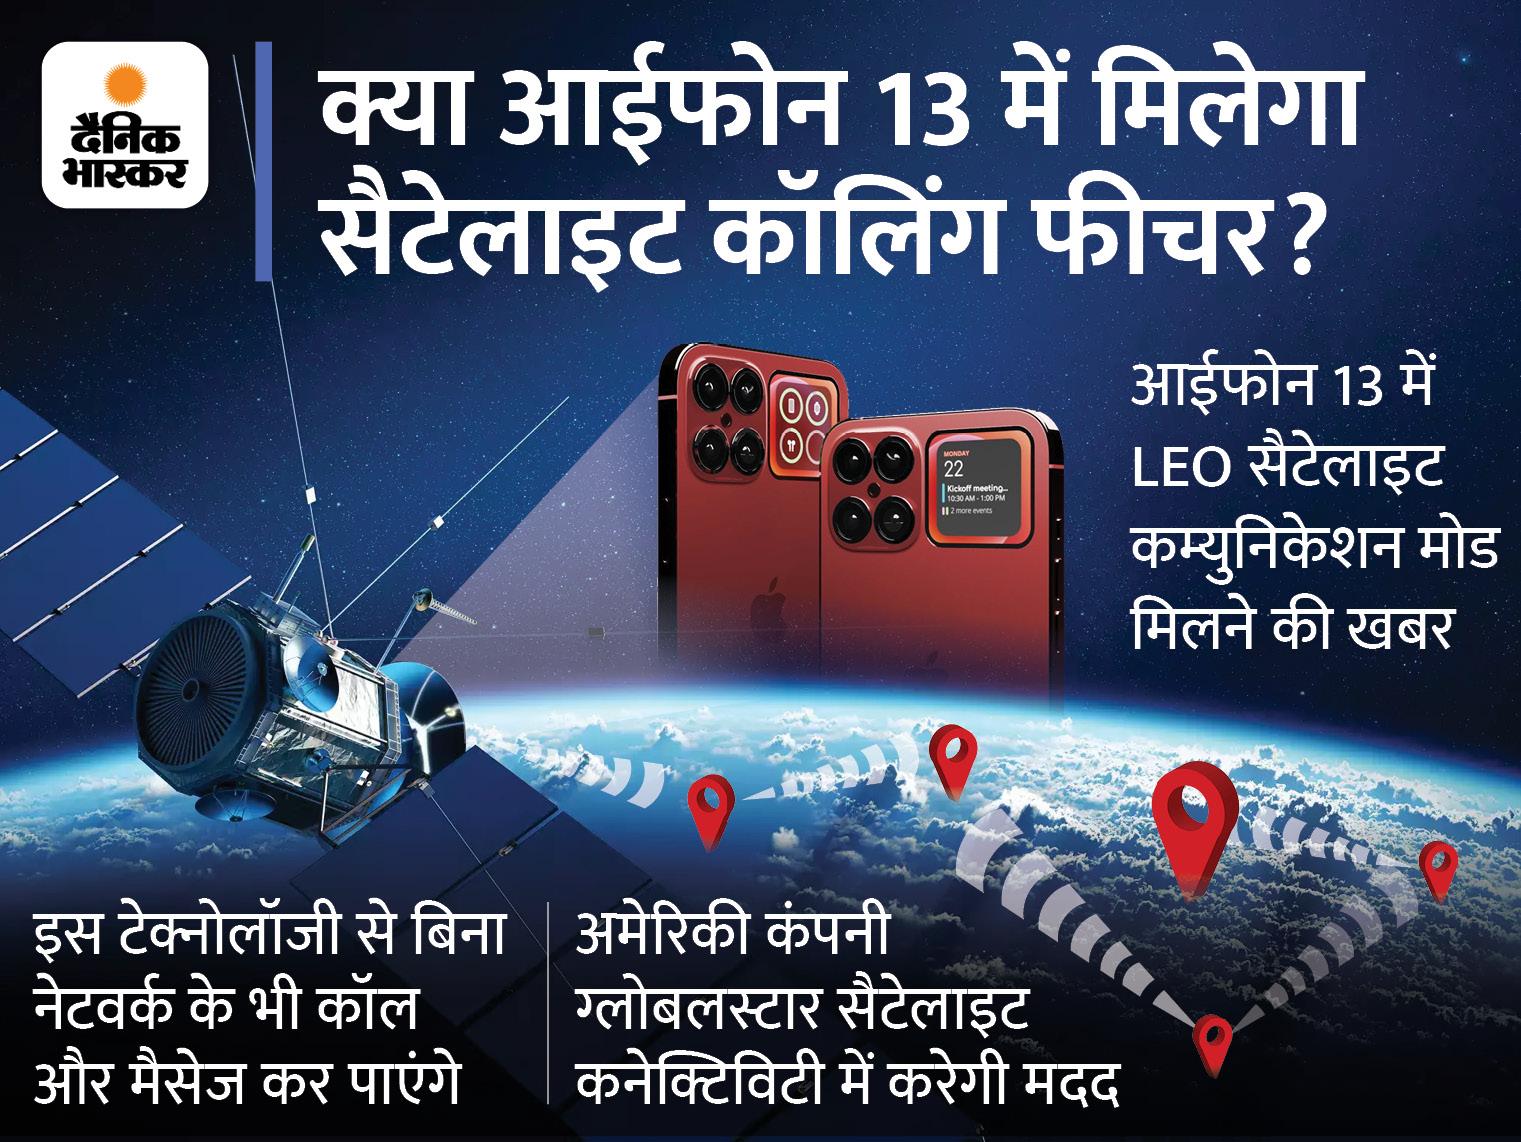 अमेरिकी यूजर्स को मिल सकती है सैटेलाइट कनेक्टिविटी, इसके लिए क्वालकॉम की खास चिप मिलने की उम्मीद; भारत में क्या है इससे जुड़ा कानून|टेक & ऑटो,Tech & Auto - Dainik Bhaskar